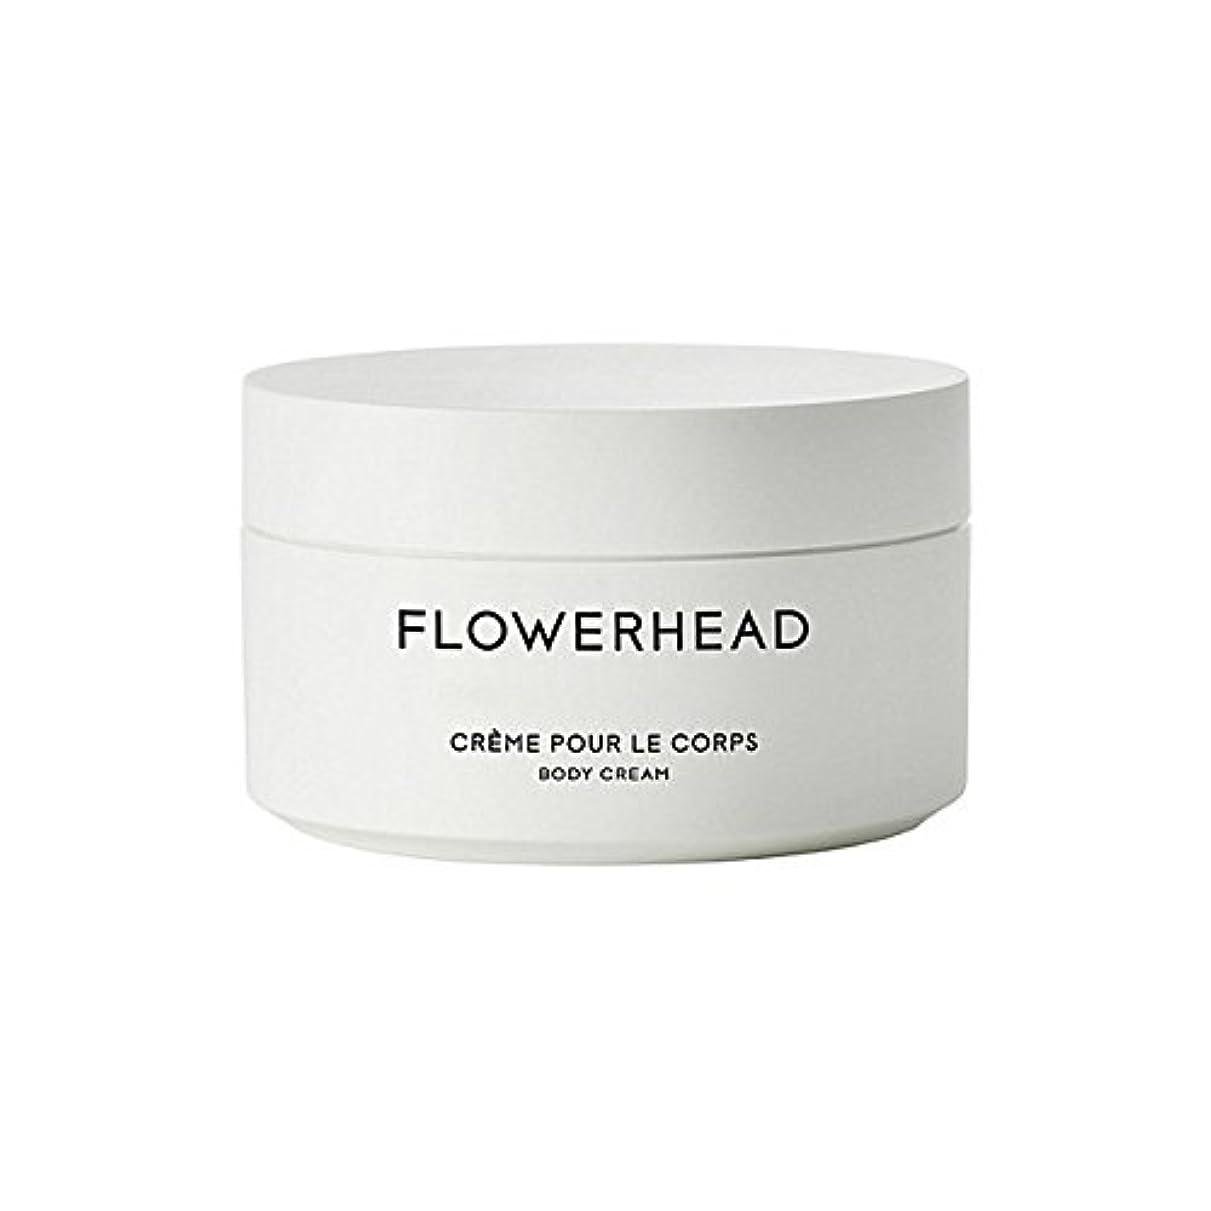 ボディクリーム200ミリリットル x2 - Byredo Flowerhead Body Cream 200ml (Pack of 2) [並行輸入品]